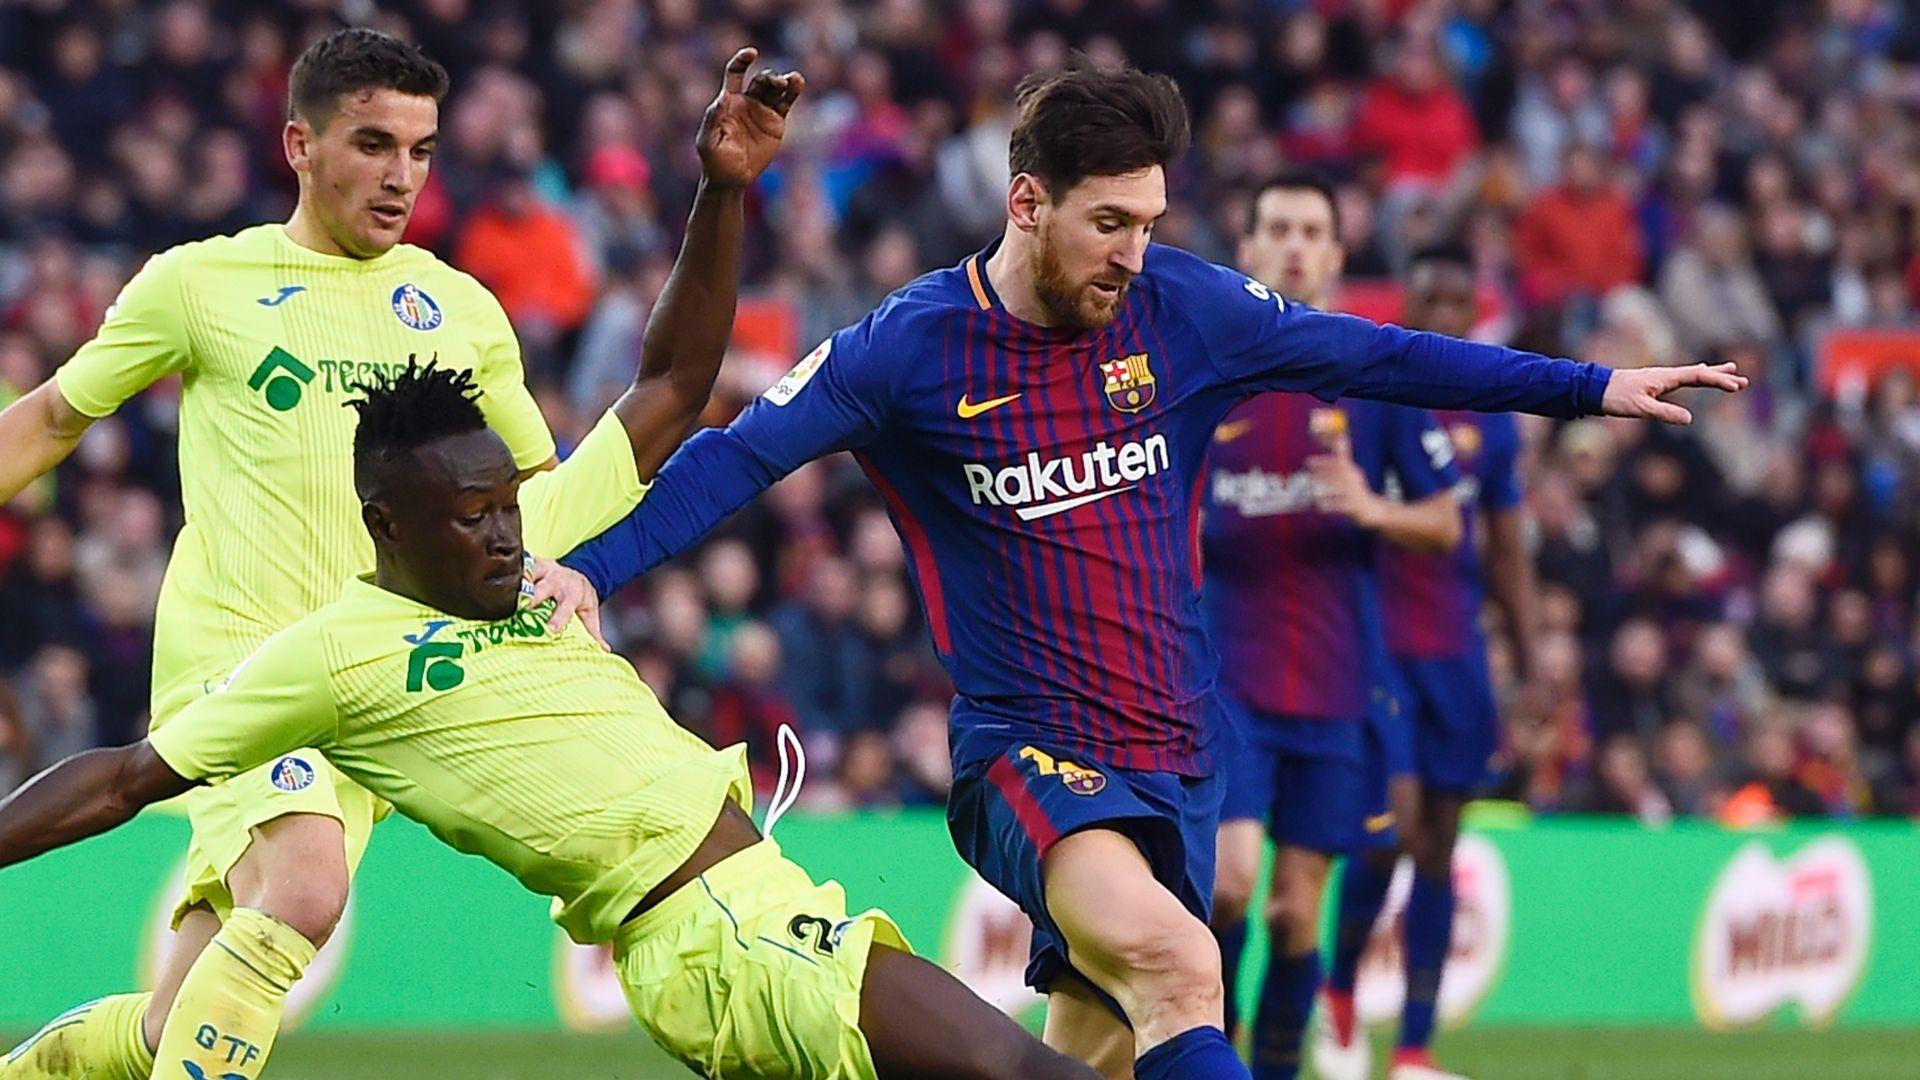 Barcelona empata sin goles con el Getafe